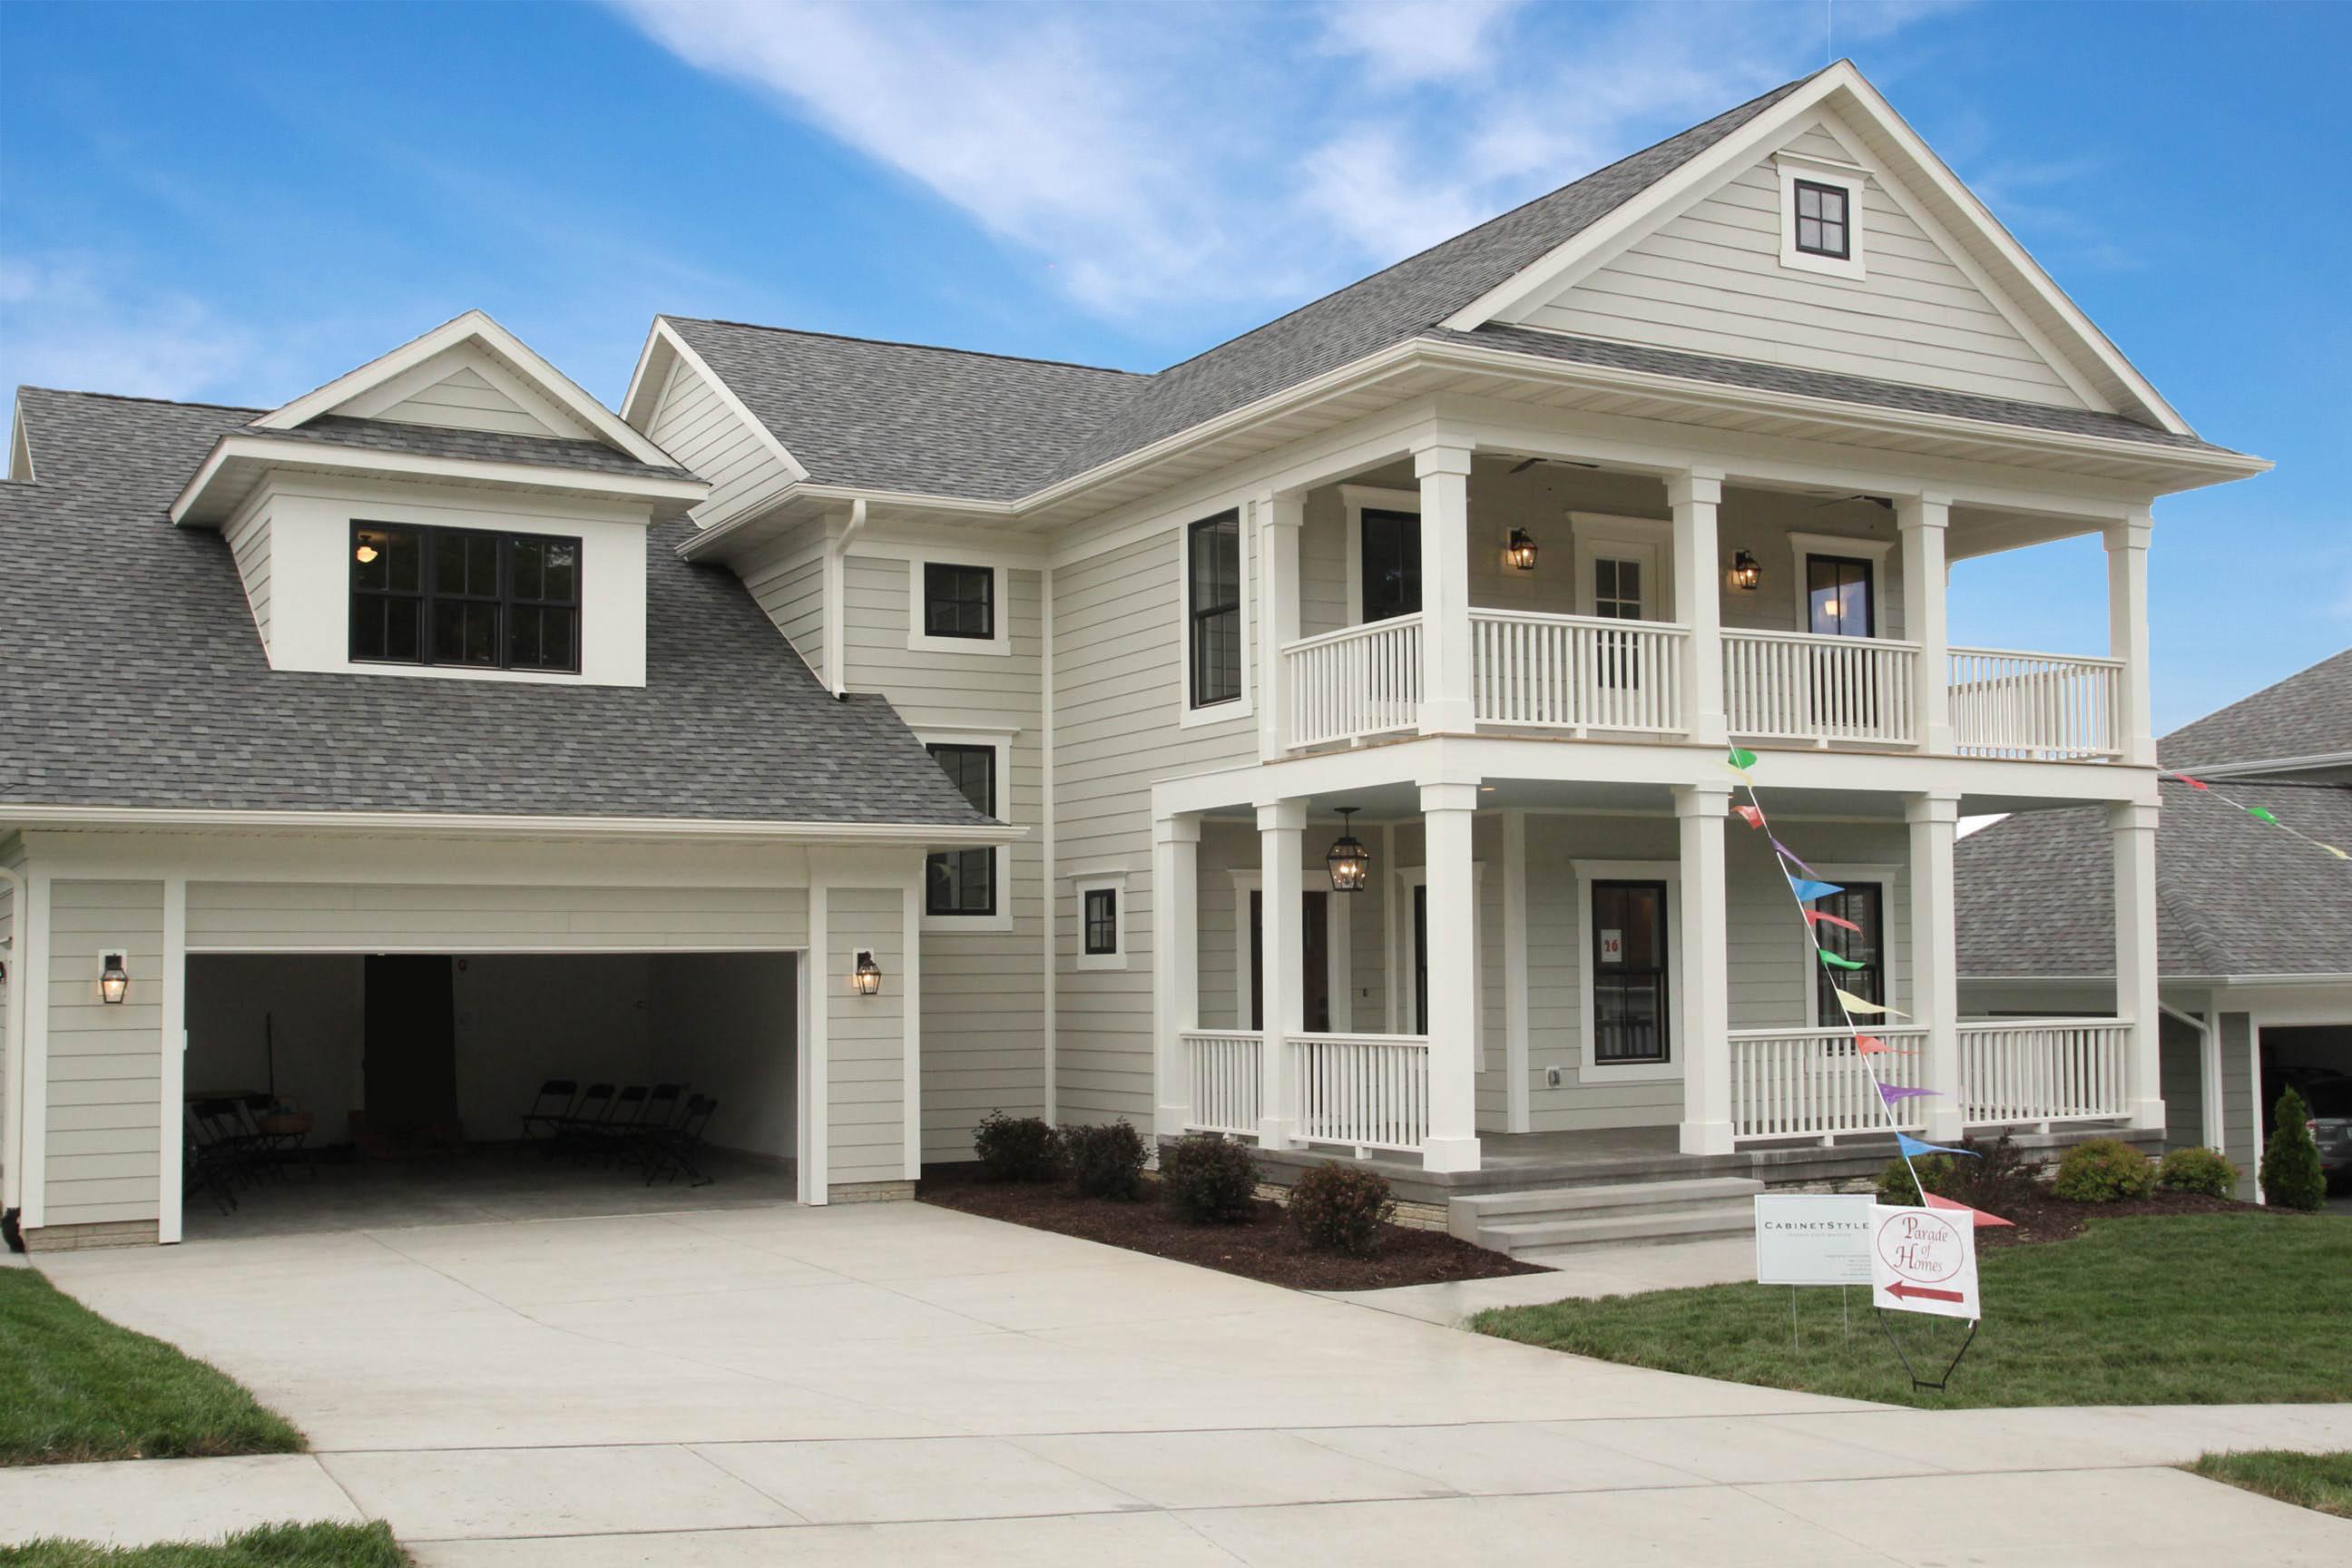 47 White Oak exterior photo